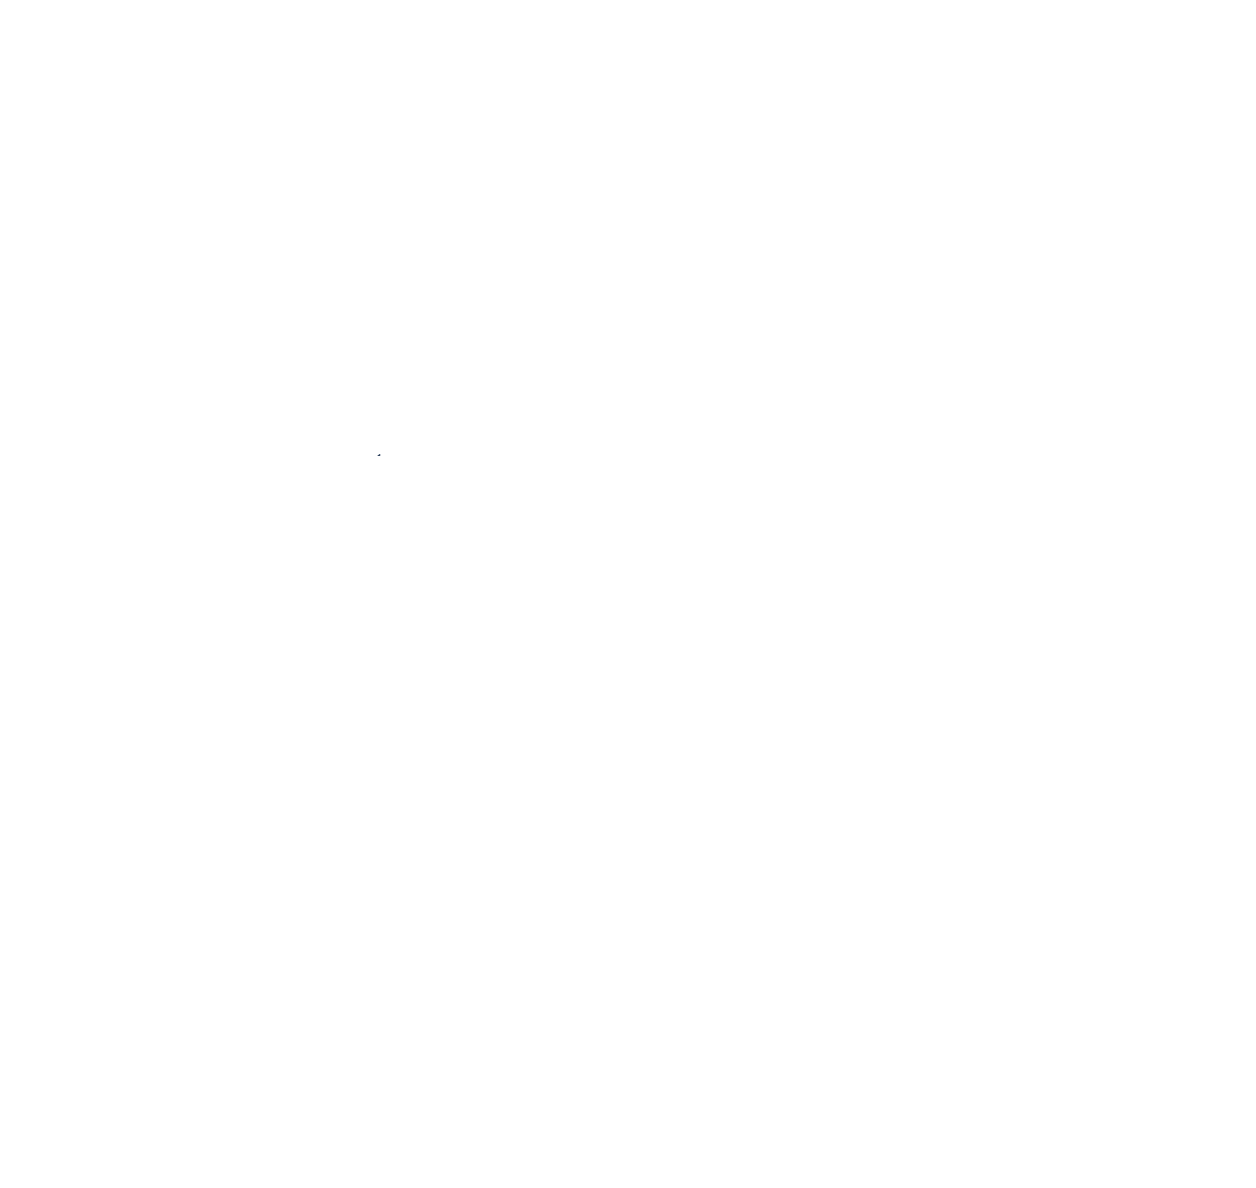 PCRE_updatedlogos2